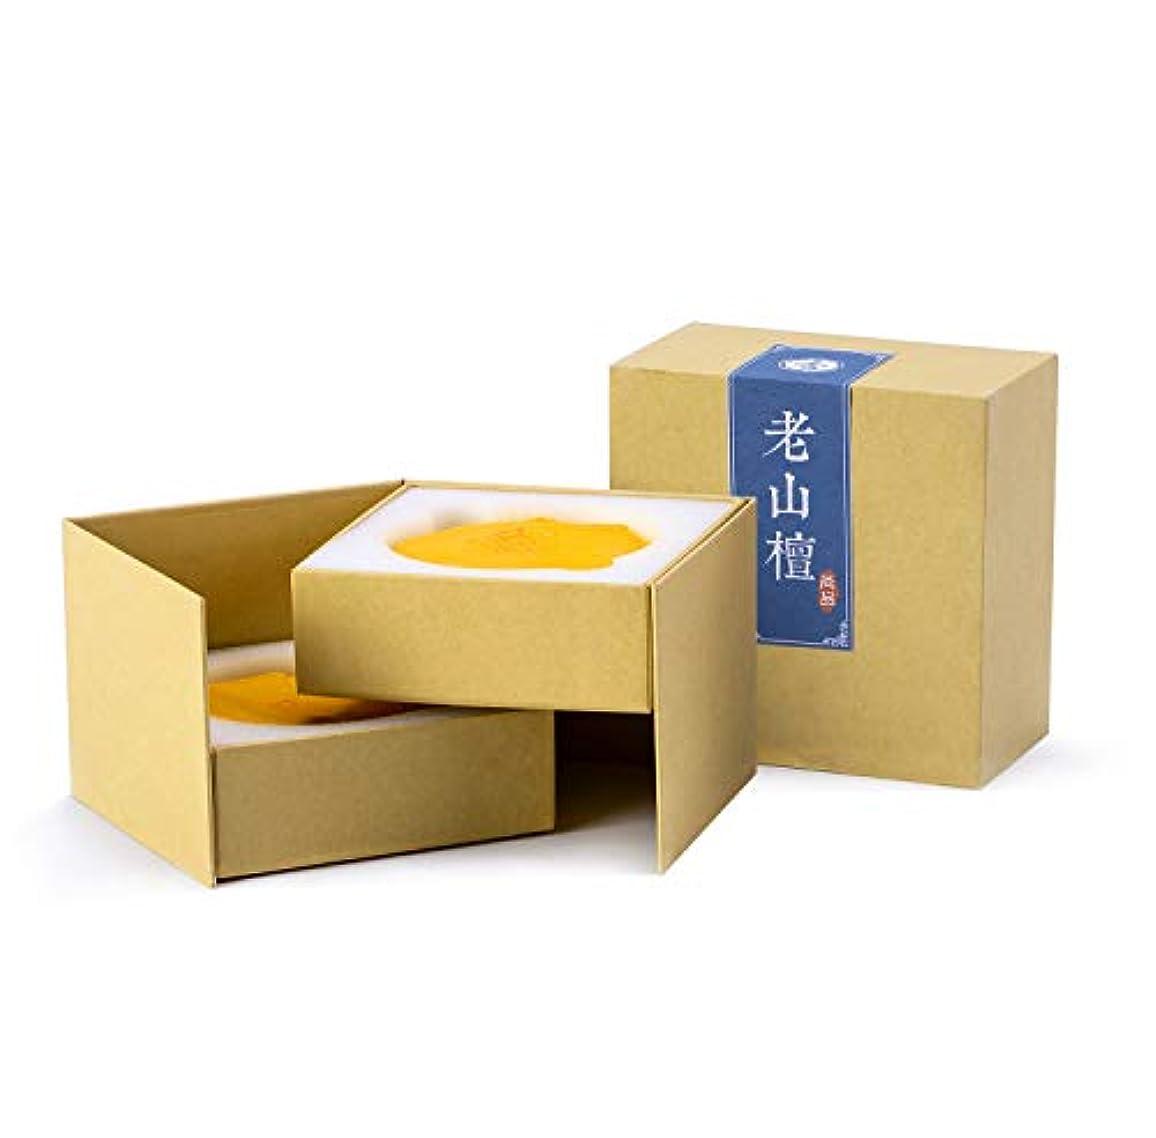 発見イノセンスクレーンHwagui お香 上級 渦巻き線香 白檀 瀋香 ヨモギ 優しい香り 2時間 40巻入